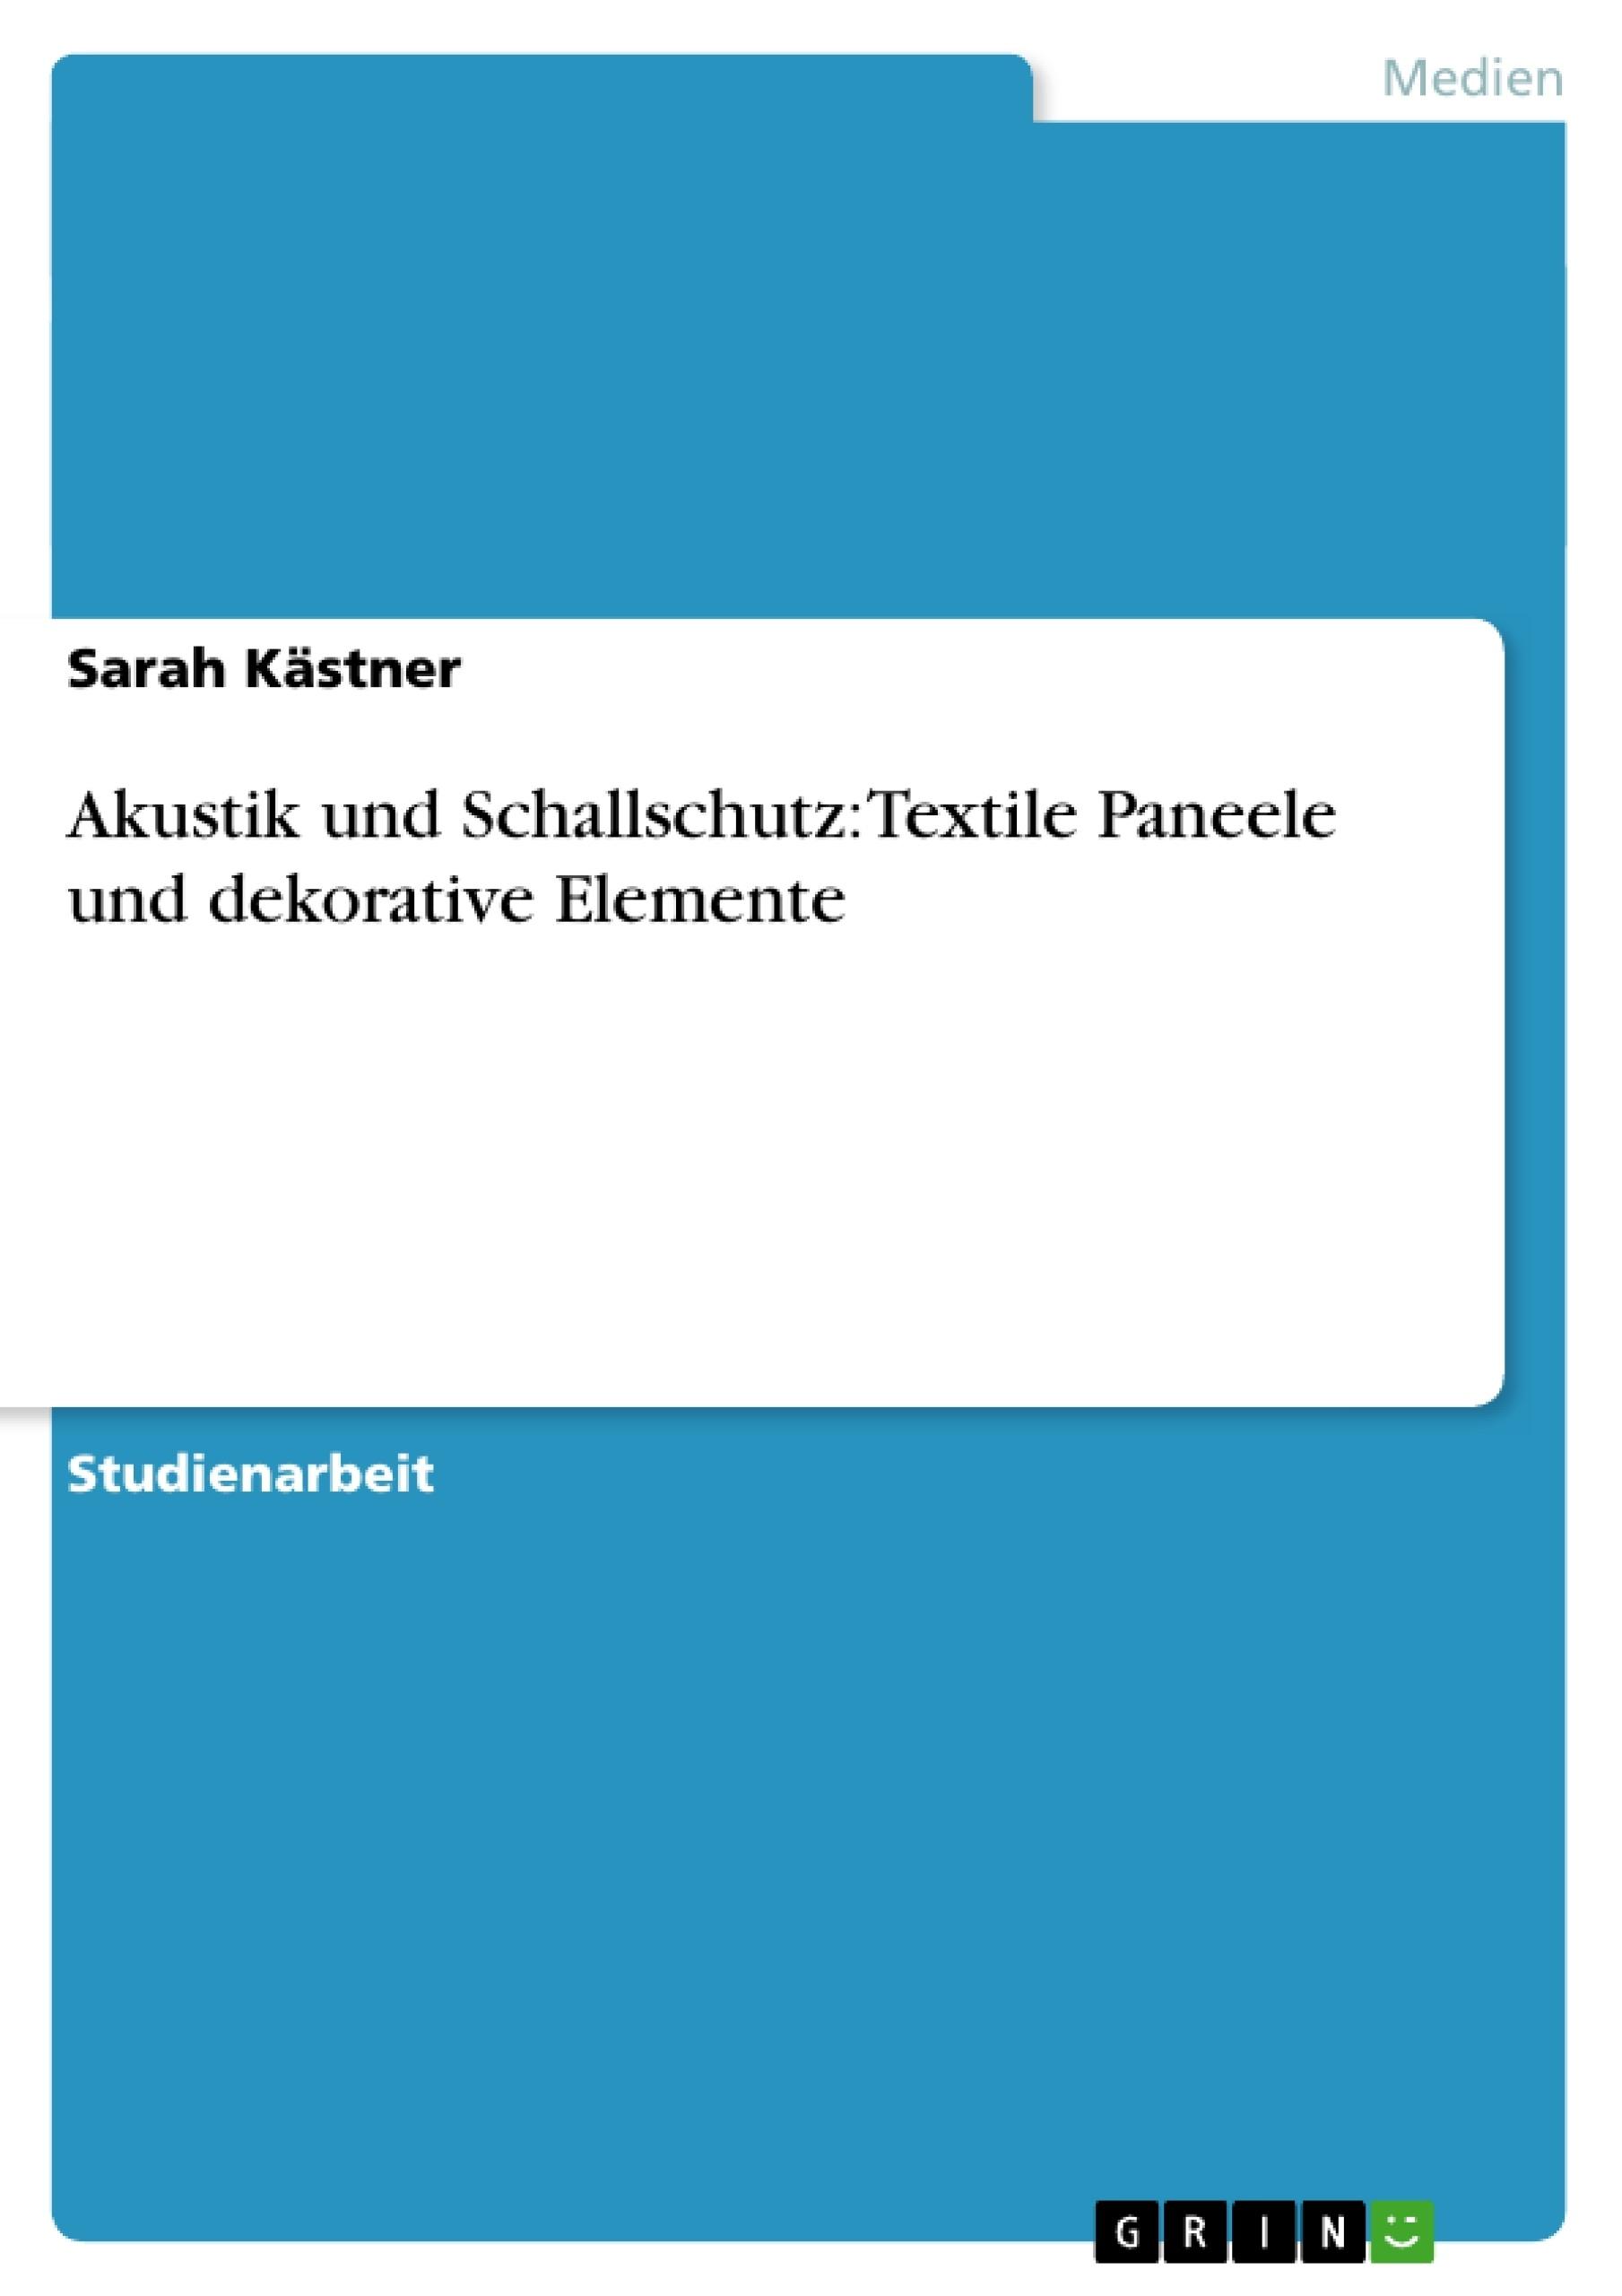 Titel: Akustik und Schallschutz: Textile Paneele und dekorative Elemente